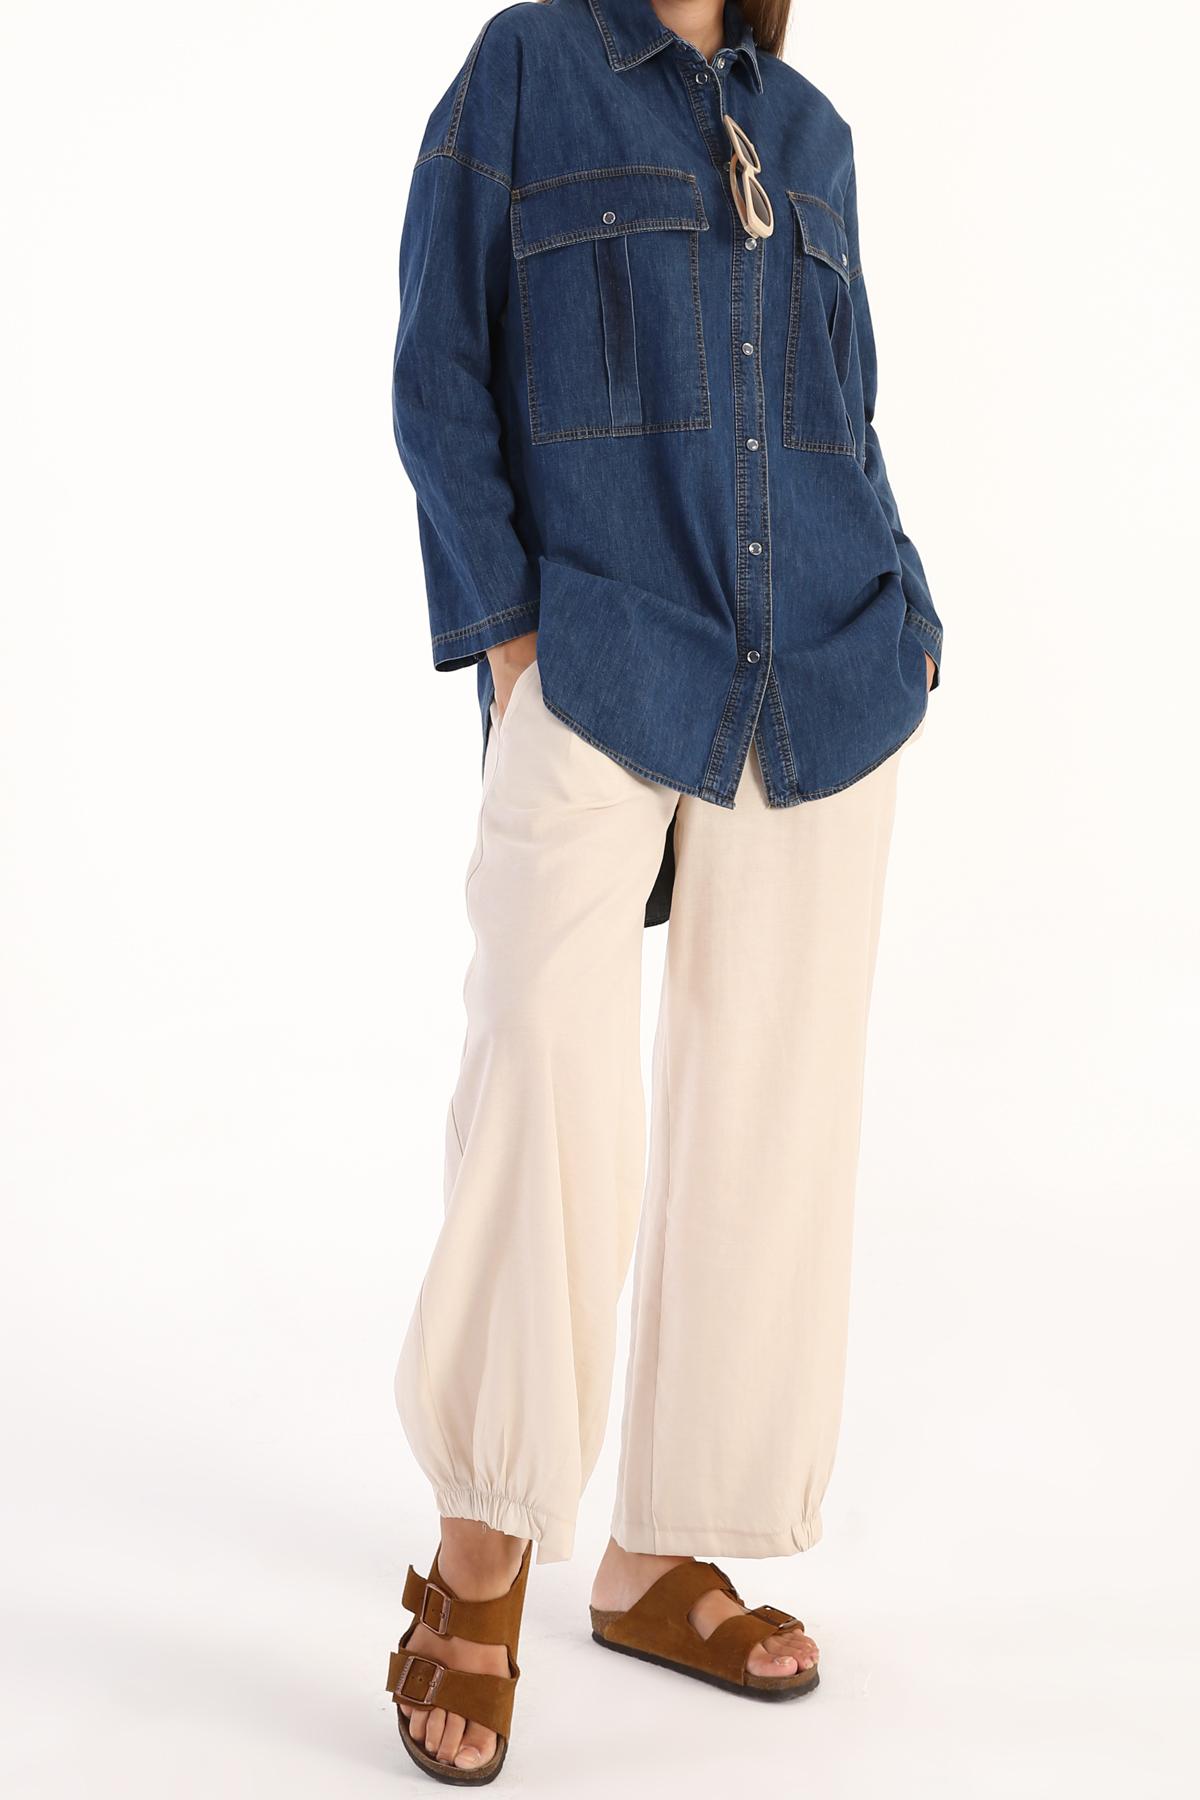 Flap Pocket Denim Shirt Tunic